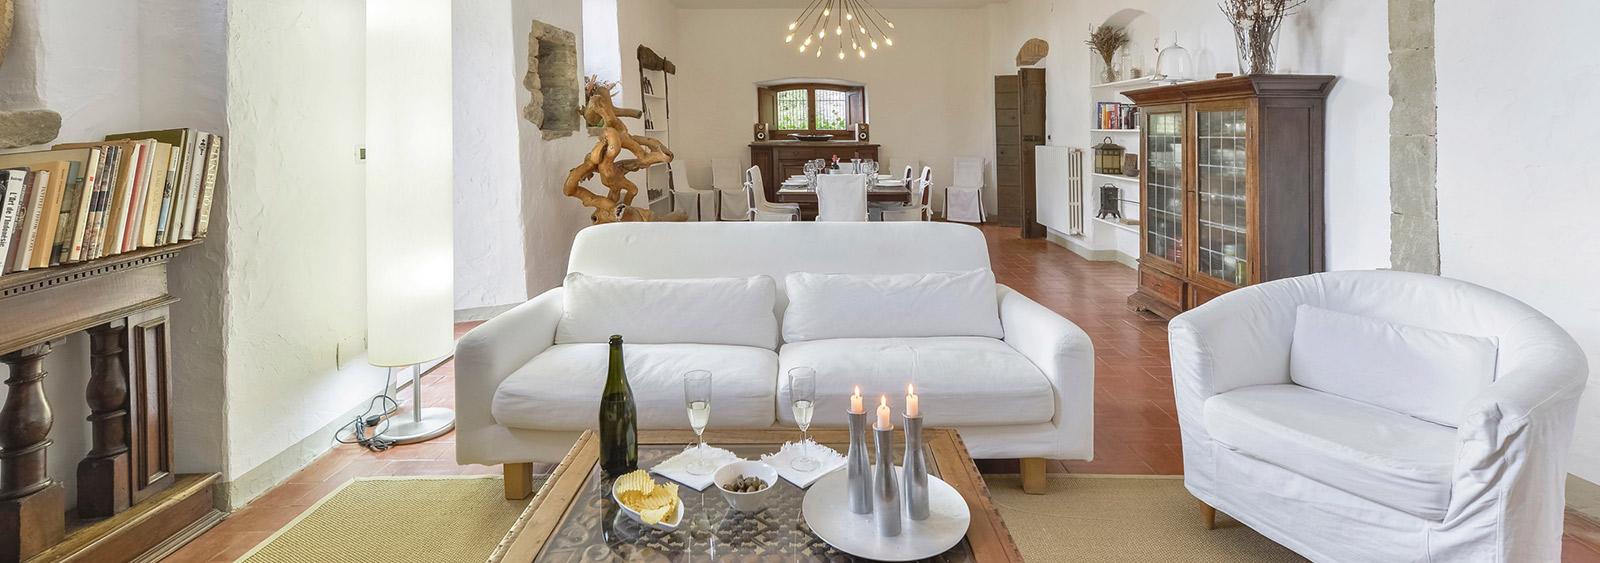 Colle a Pitiana - holiday villas in Donnini - Ville in Italia